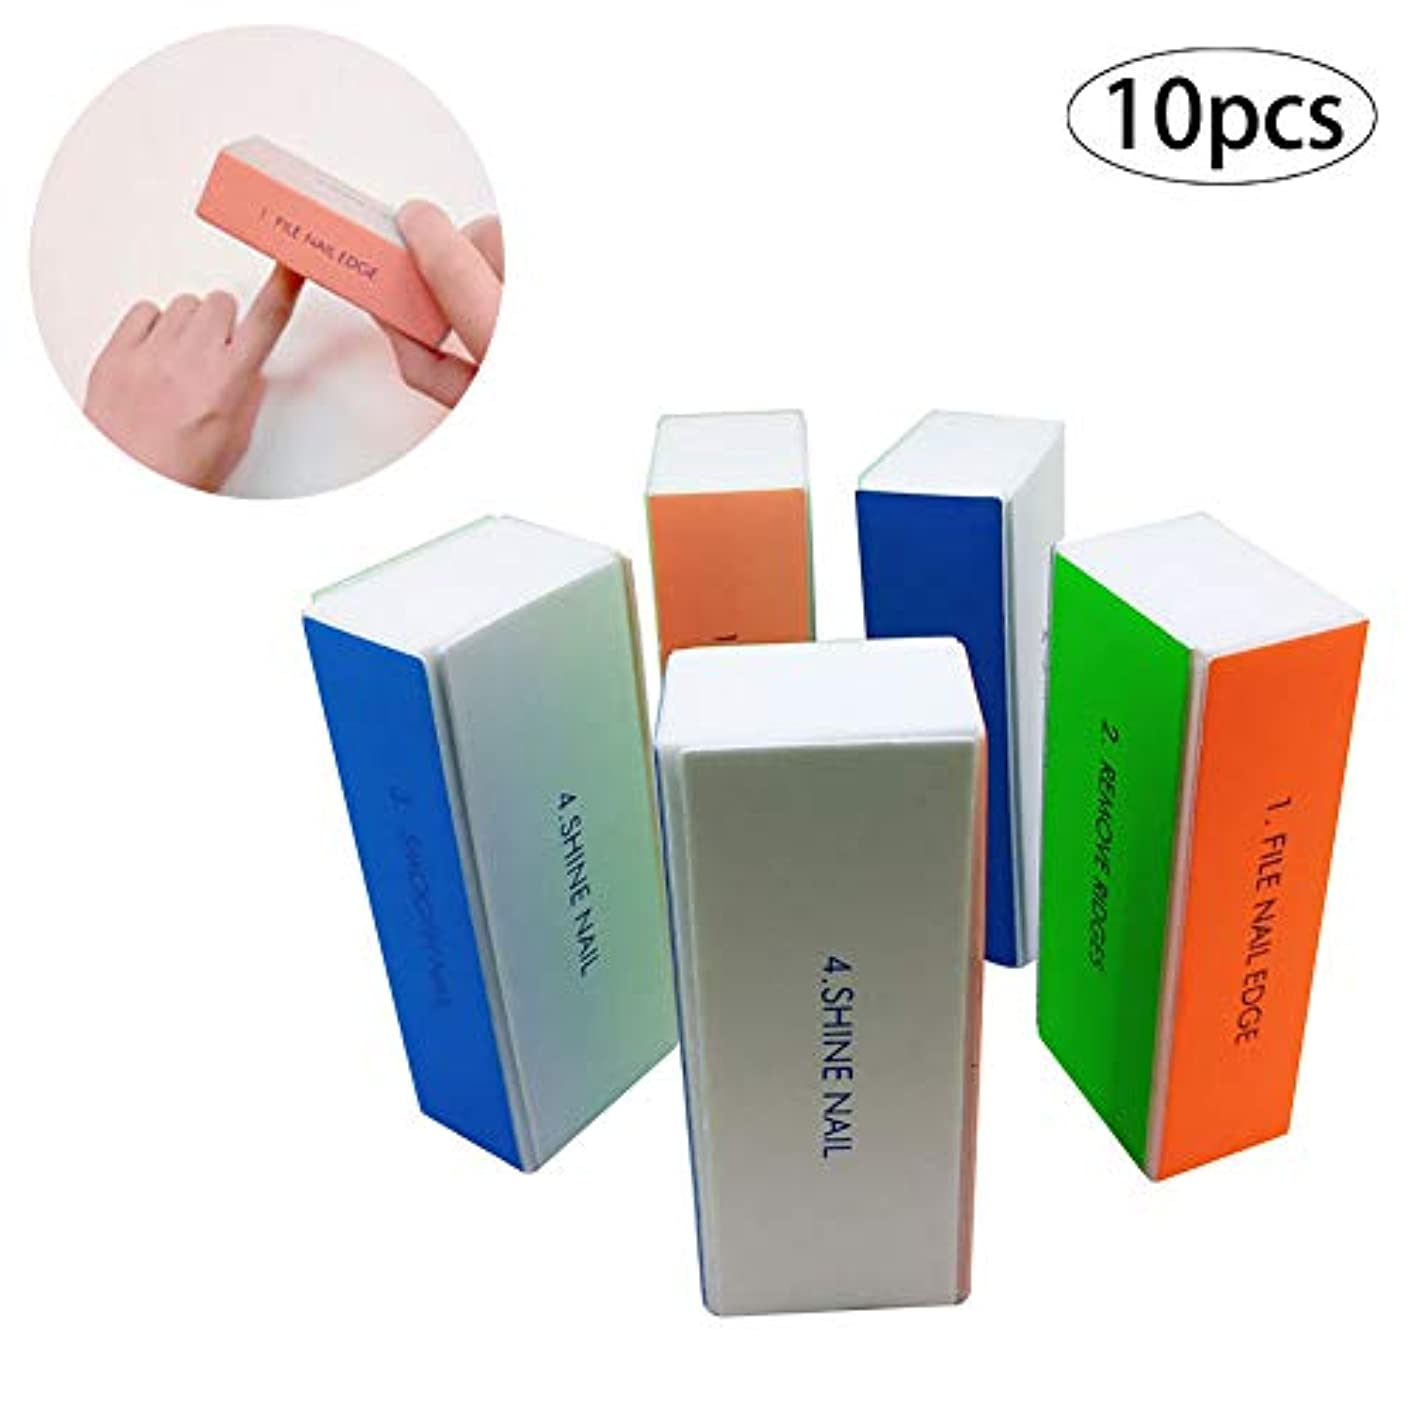 読みやすさ保険粘り強いプロのサロンや家庭用10PCSプロフェッショナルネイルキット4ウェイネイルバッファブロックファイルマニキュアマニキュア製品